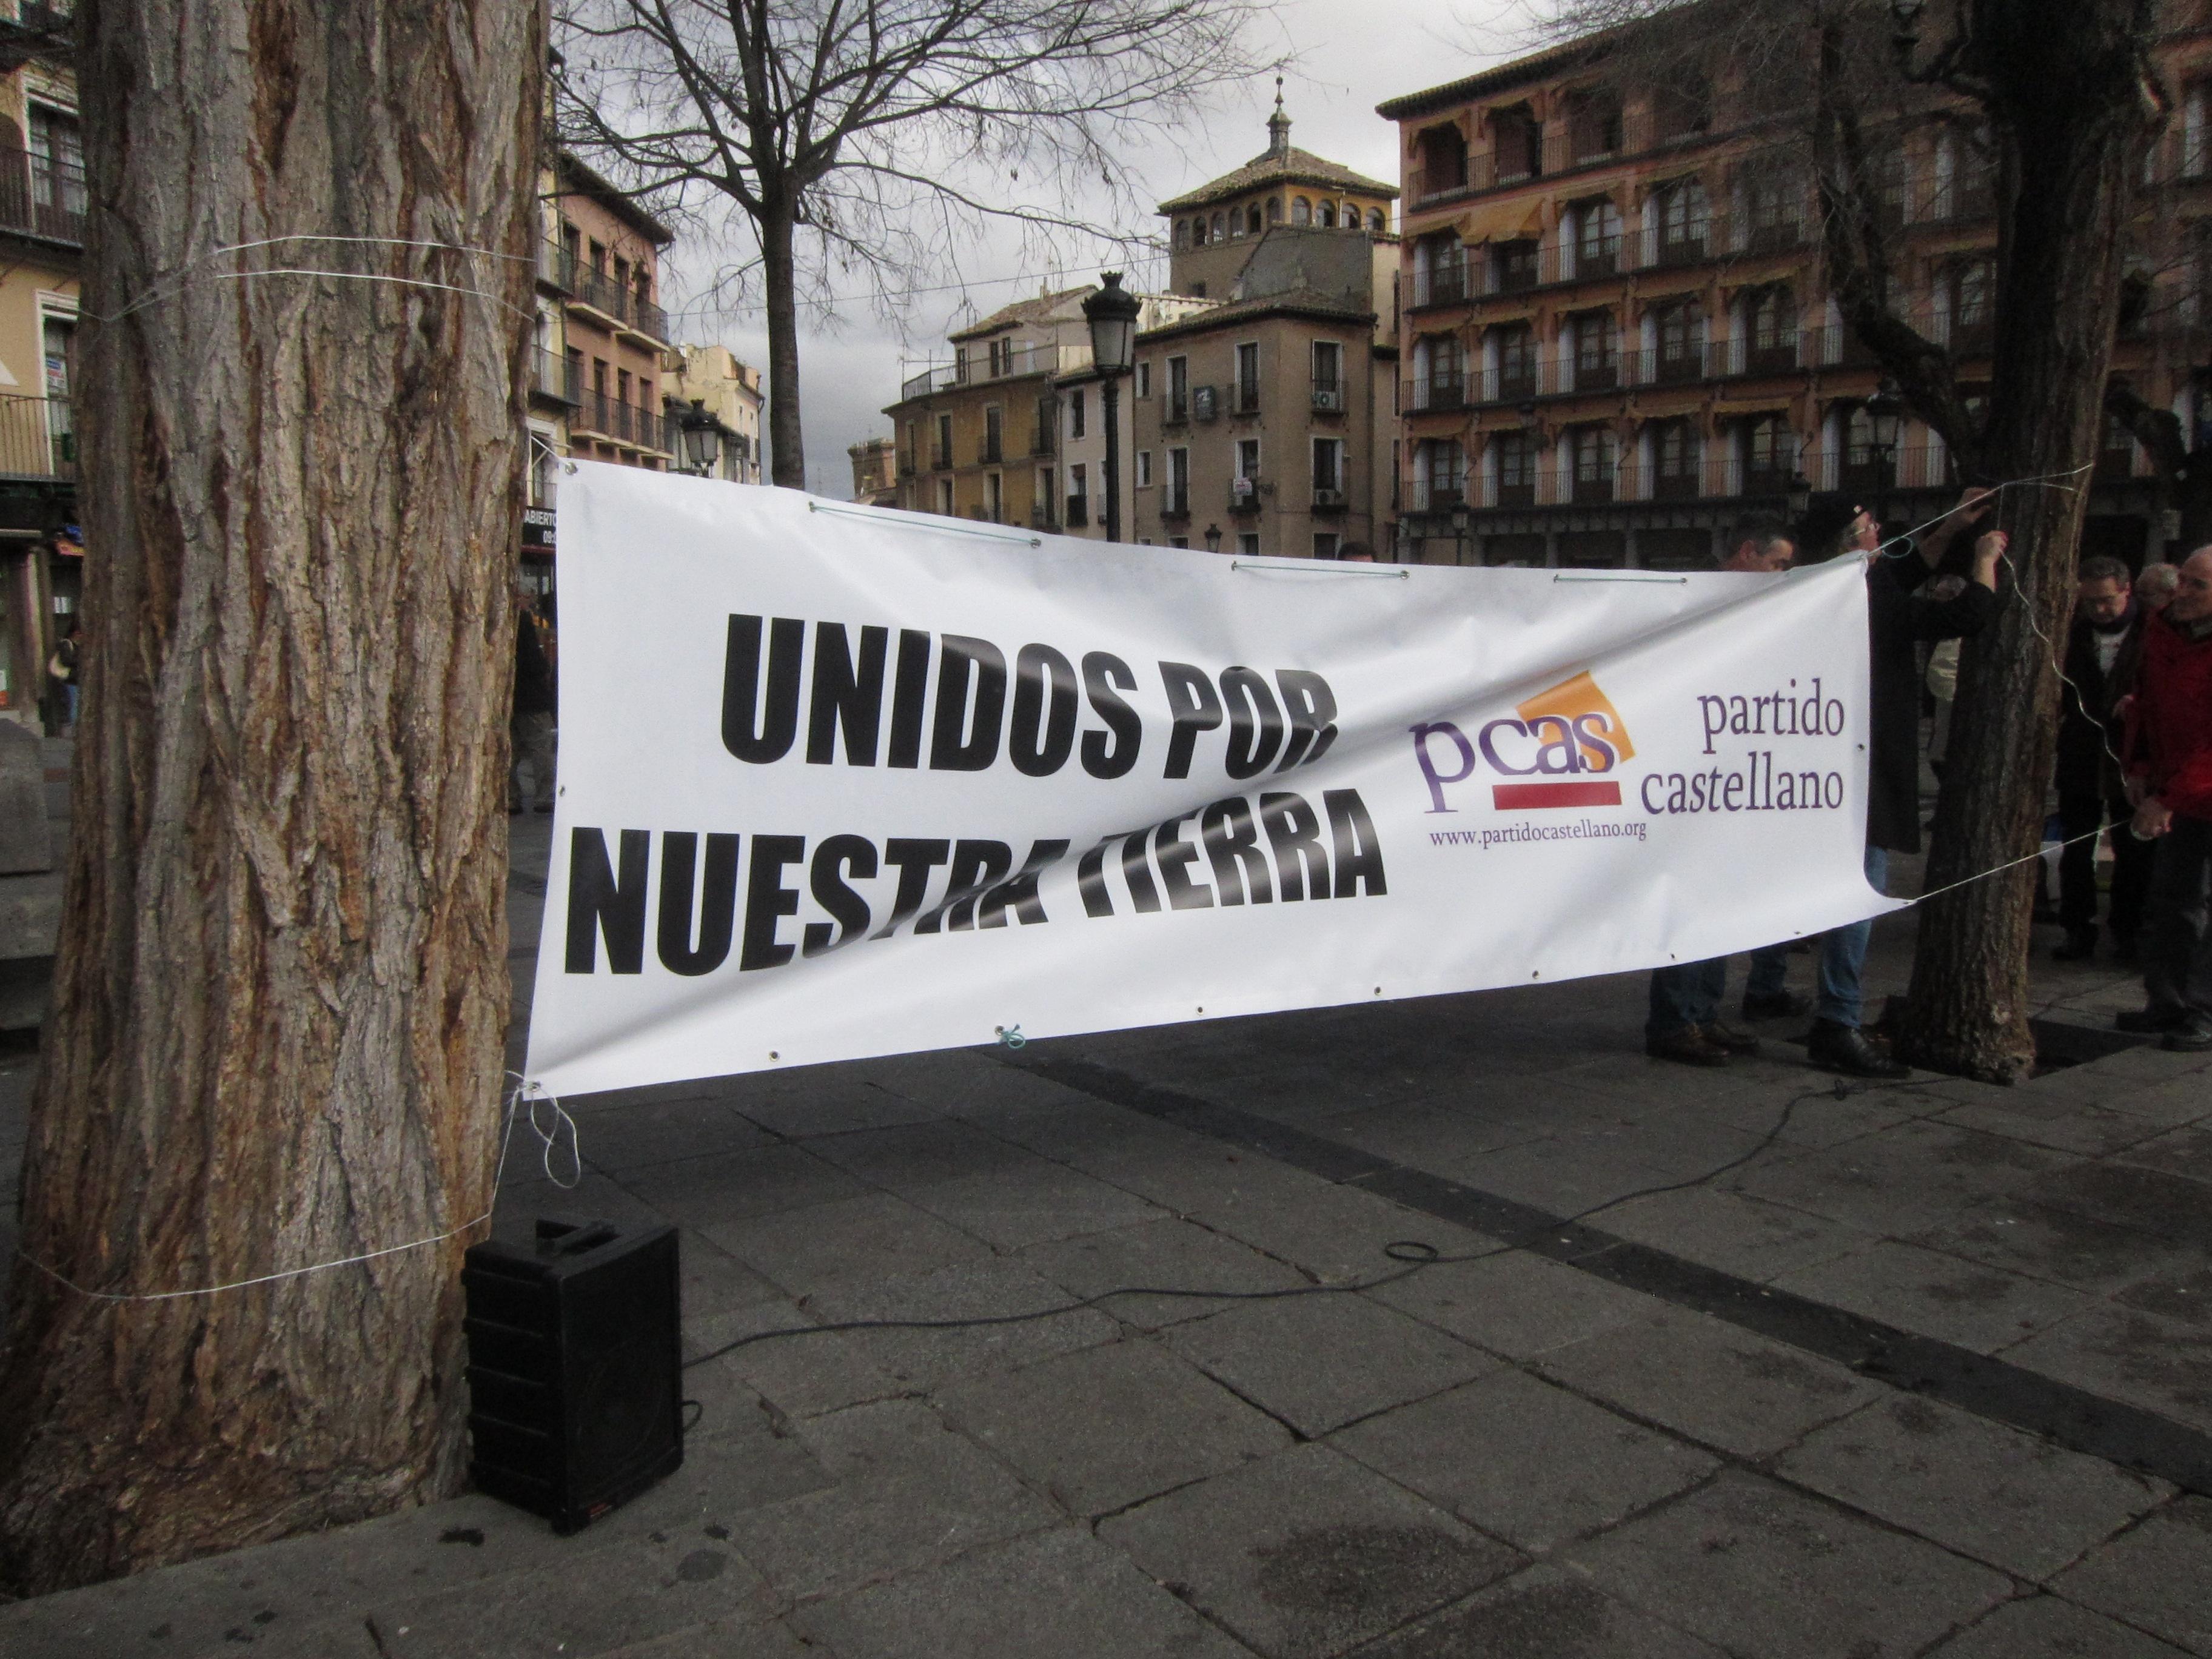 El PCAS celebra en Toledo el XXVI Homenaje a los Comuneros reivindicando un río Tajo limpio y con caudal